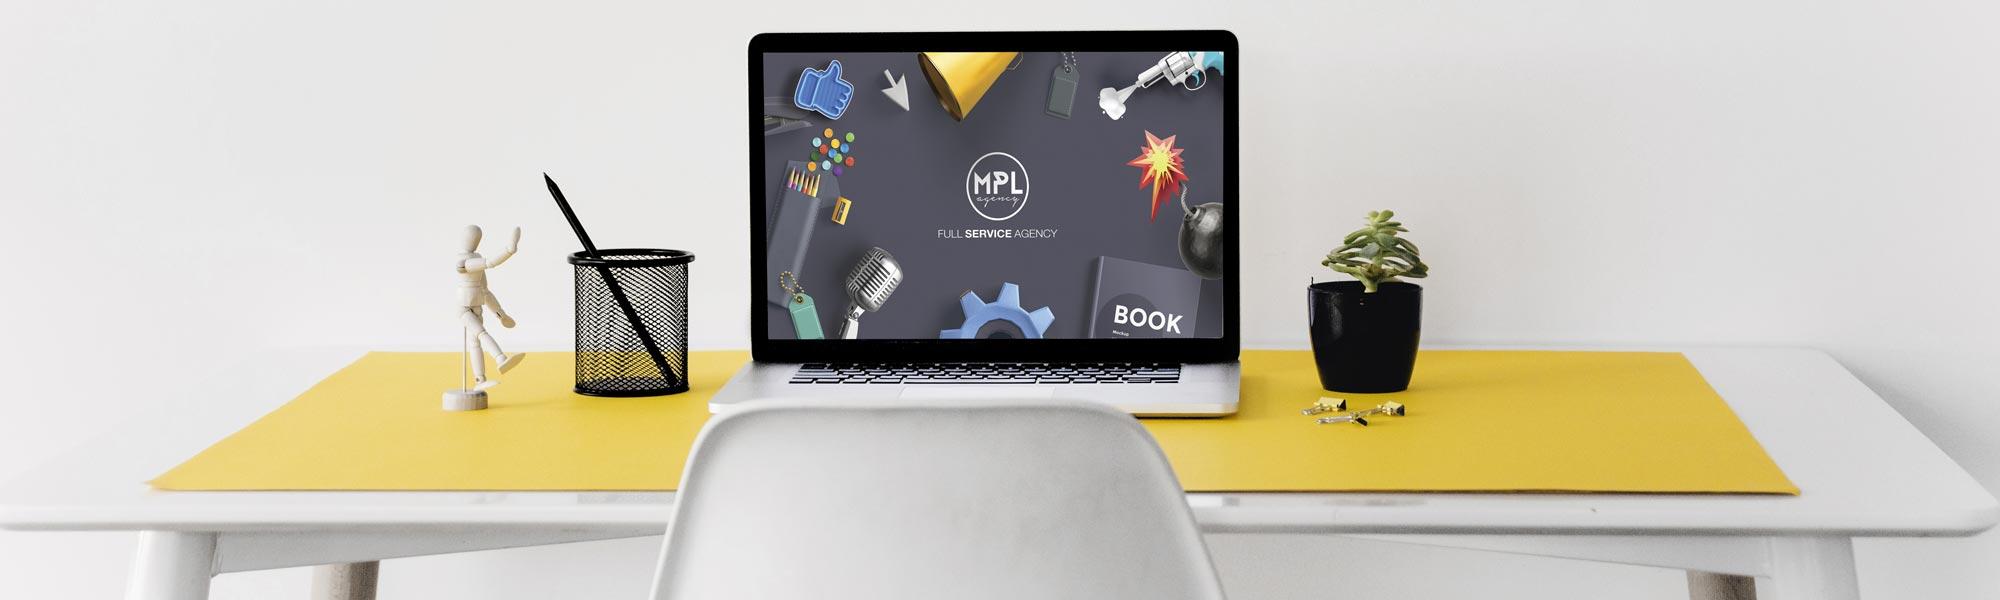 MPL Agency